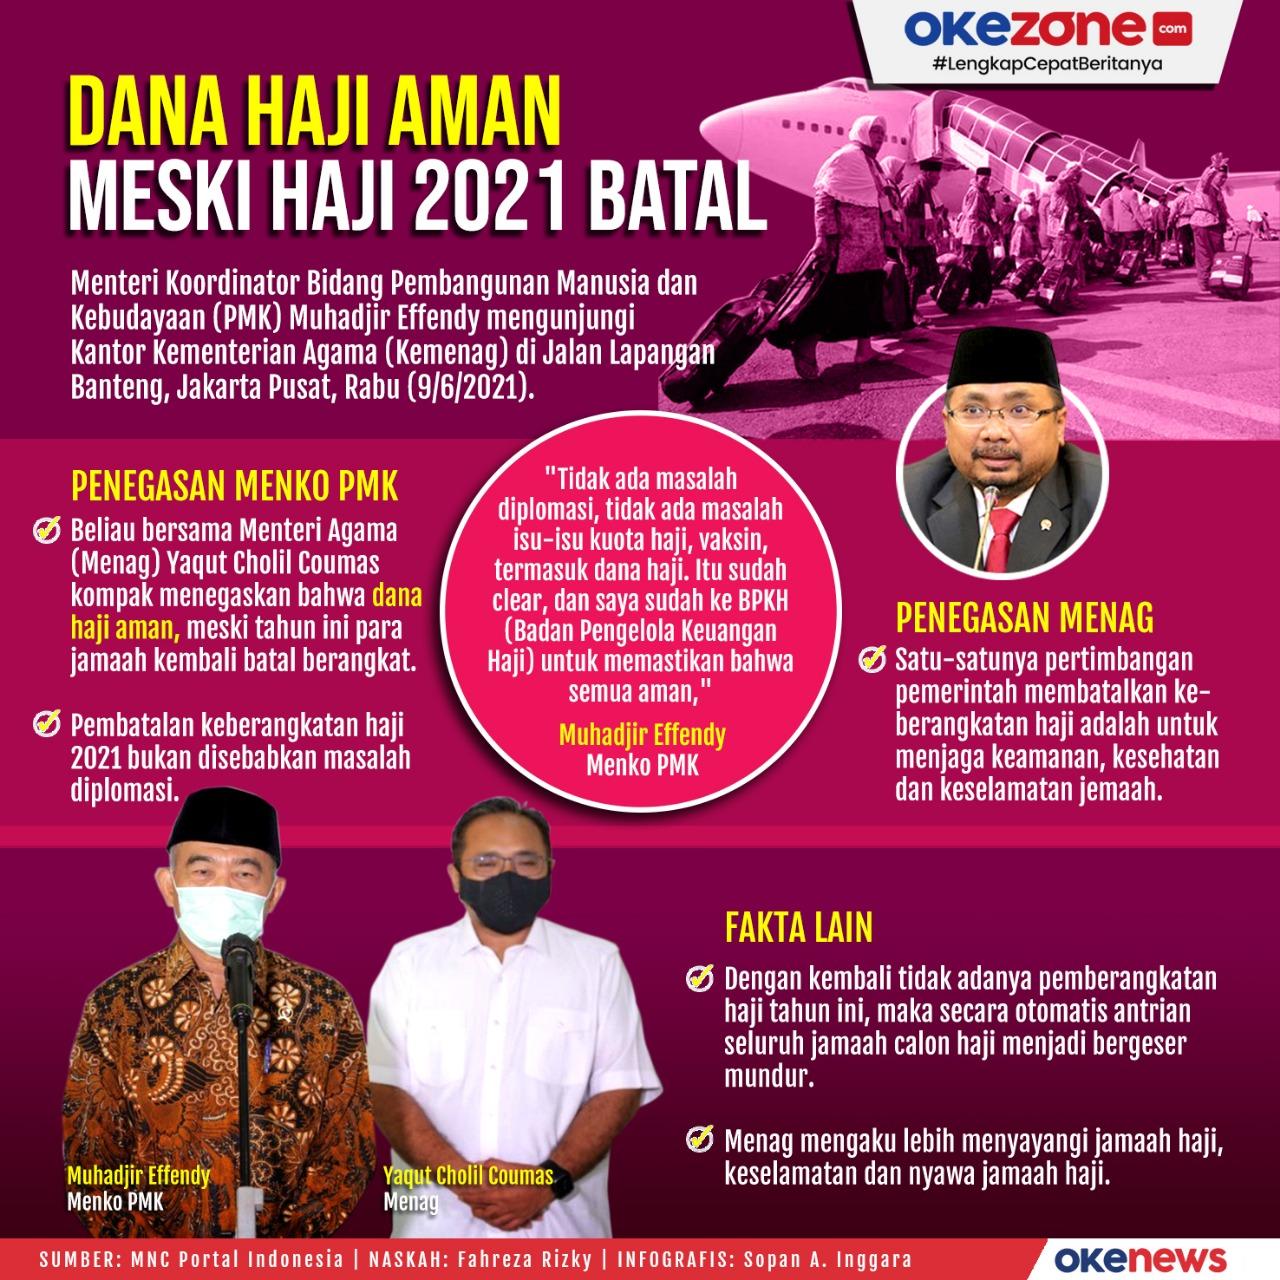 Dana Haji Aman Meski Haji 2021 Batal -